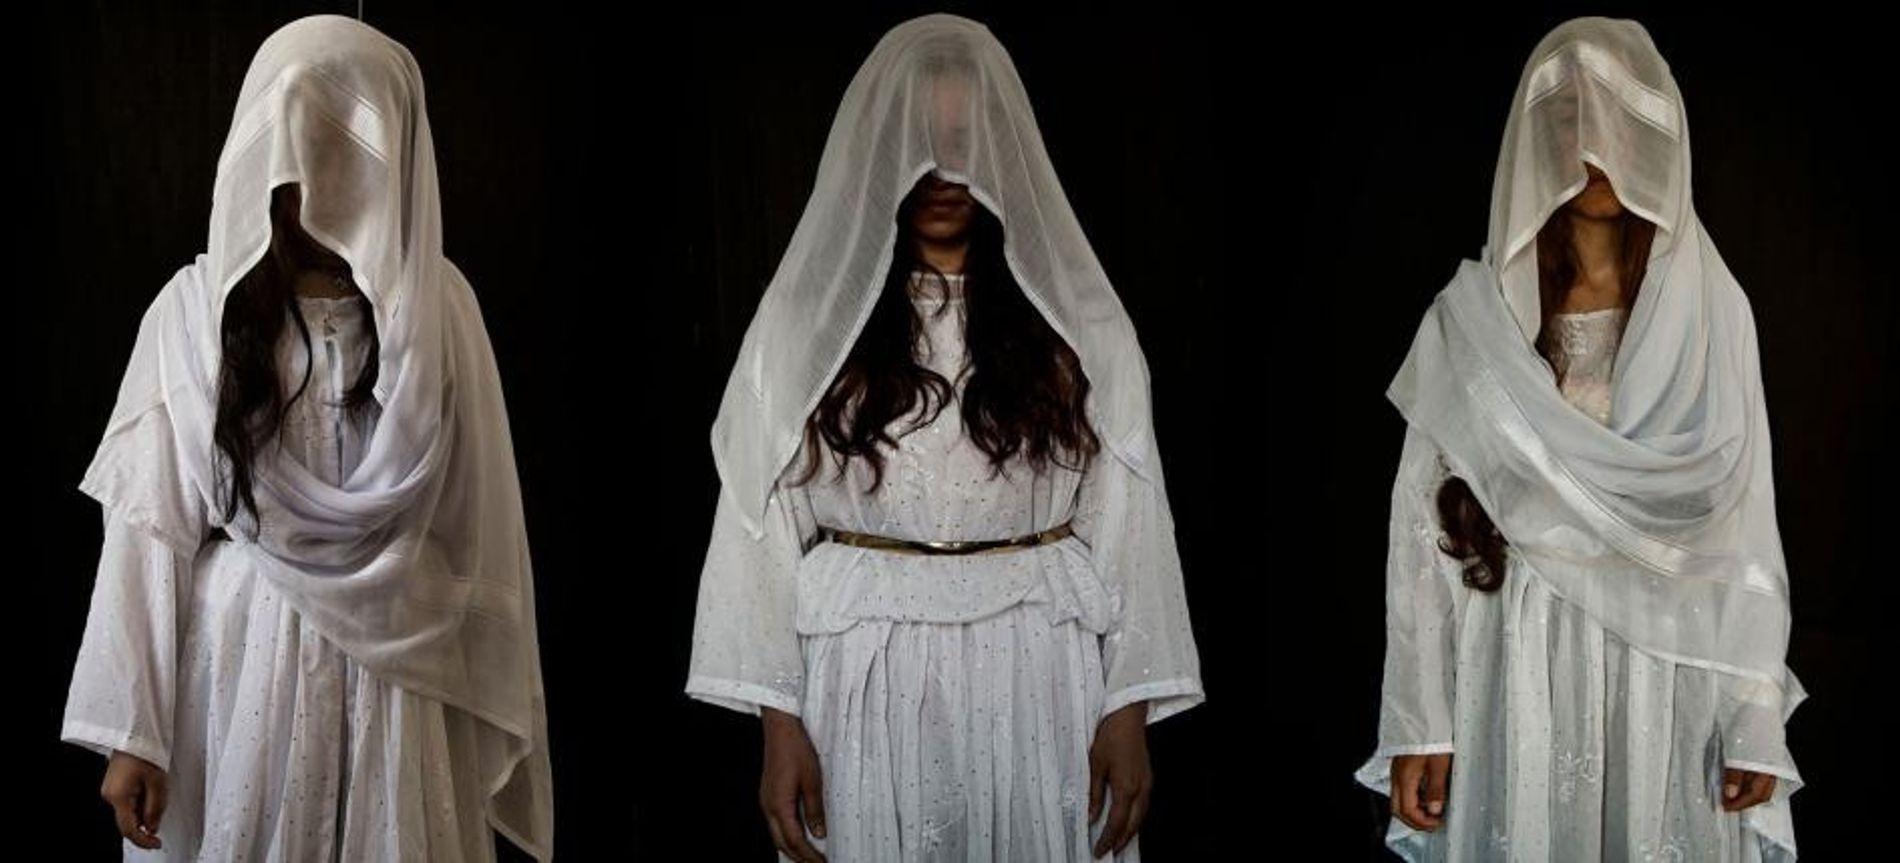 Portraits de femmes yézidies réduites en esclavage par des combattants de l'État islamique.